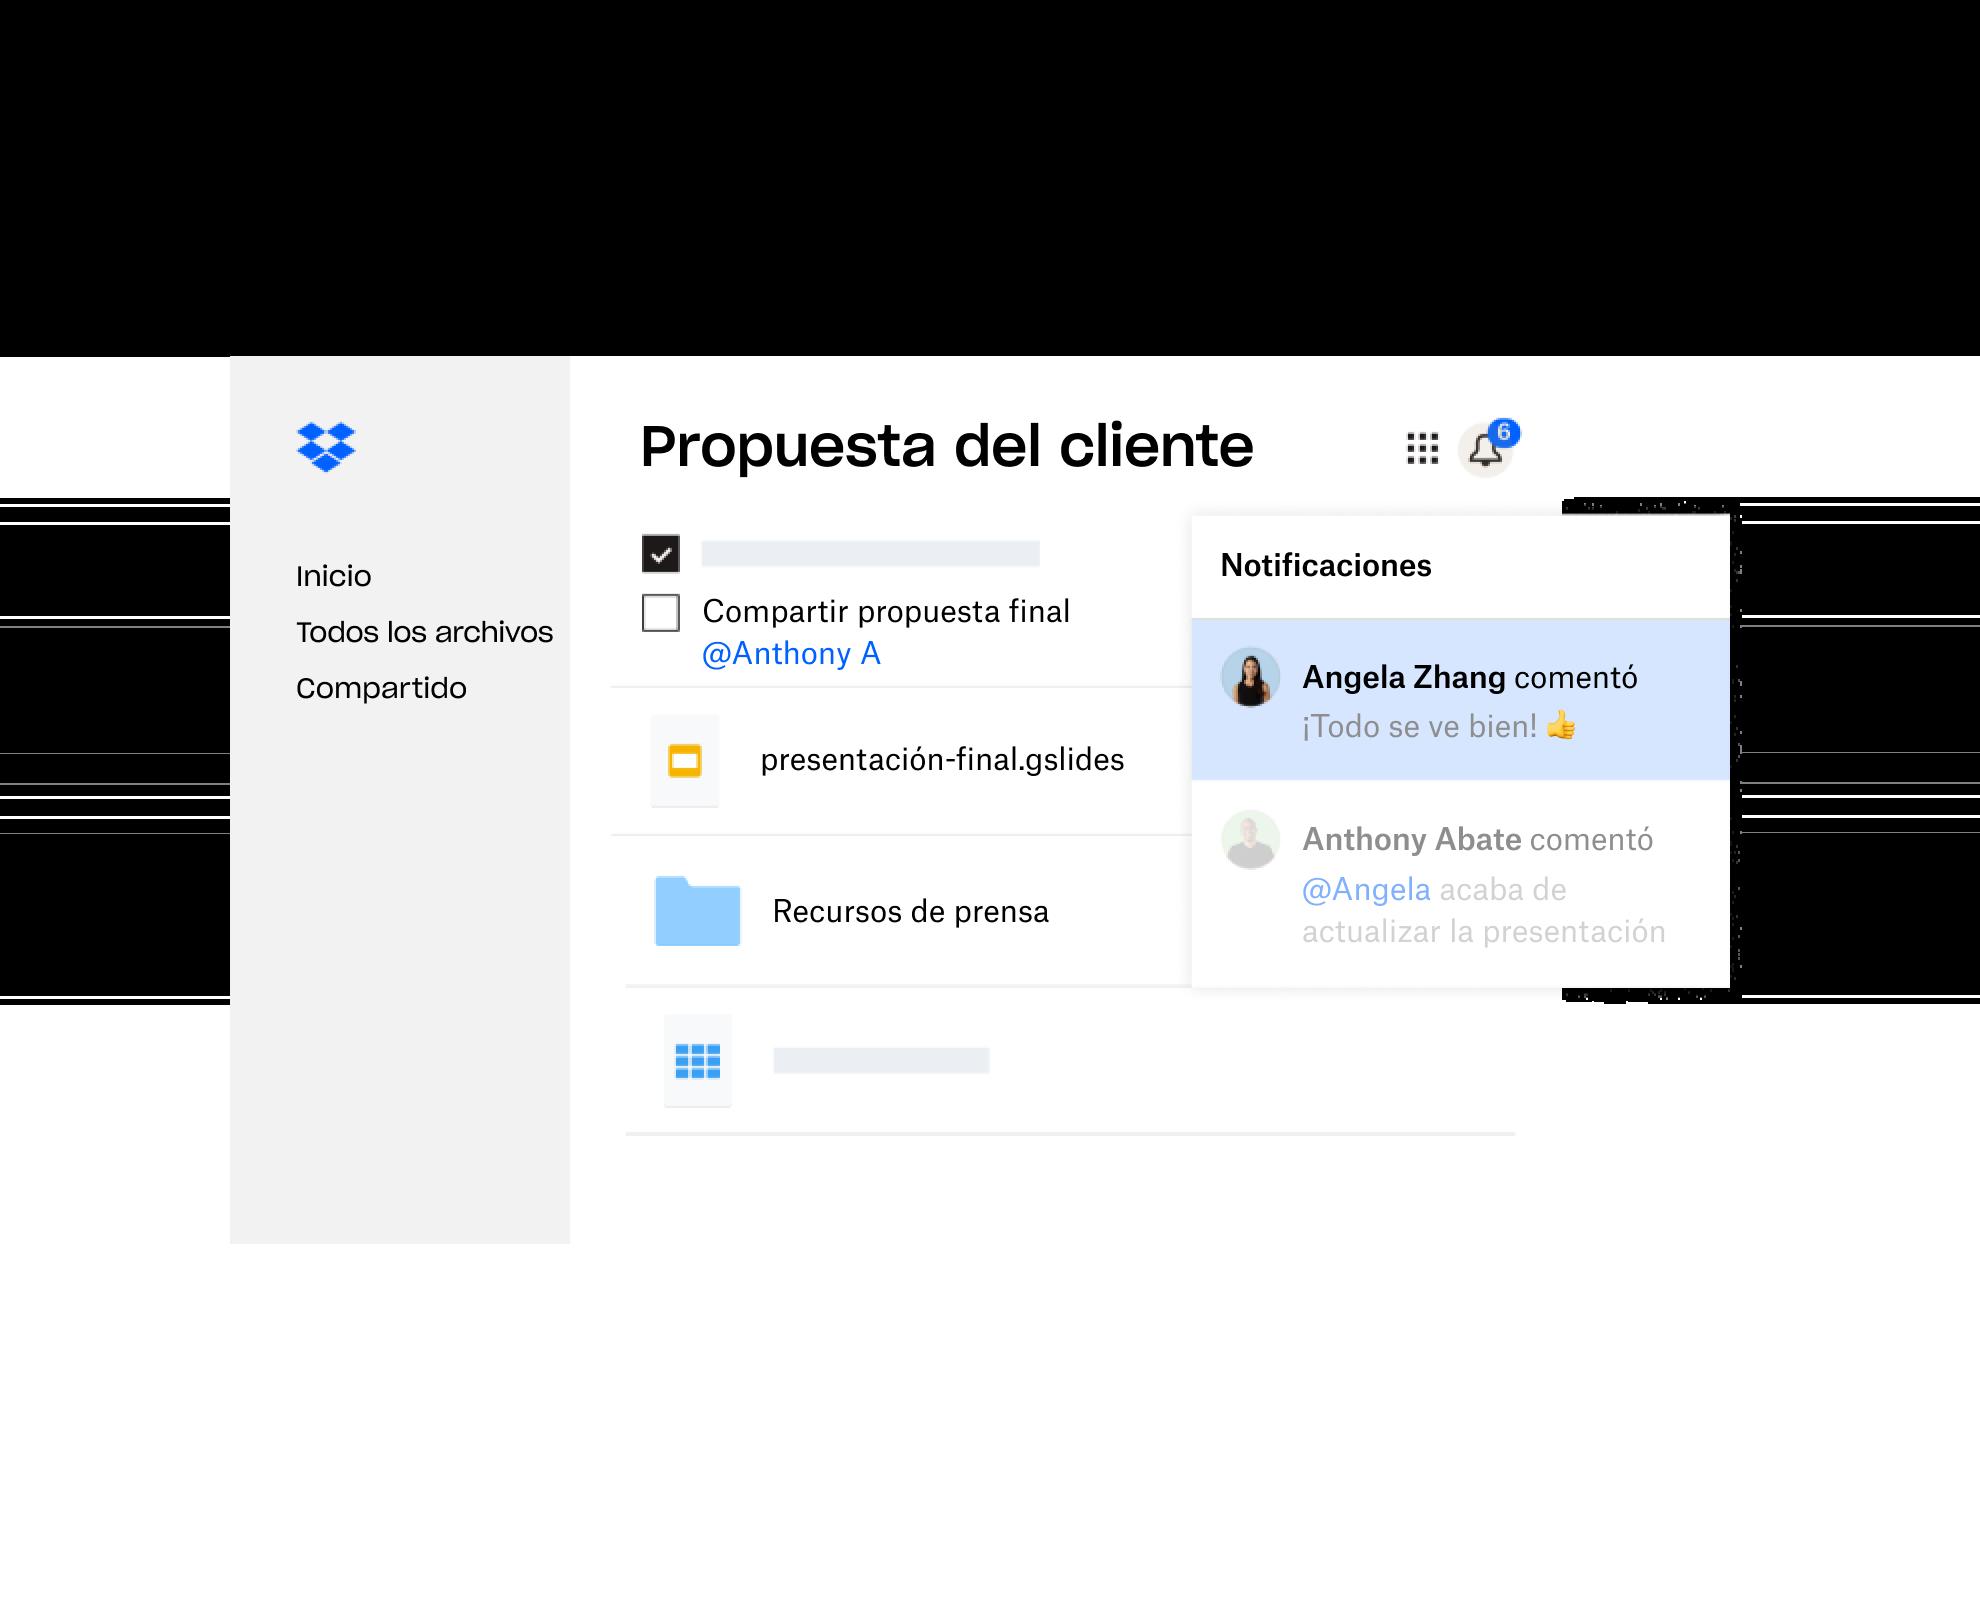 Una propuesta de cliente creada en Dropbox se comparte con múltiples usuarios que han dejado comentarios